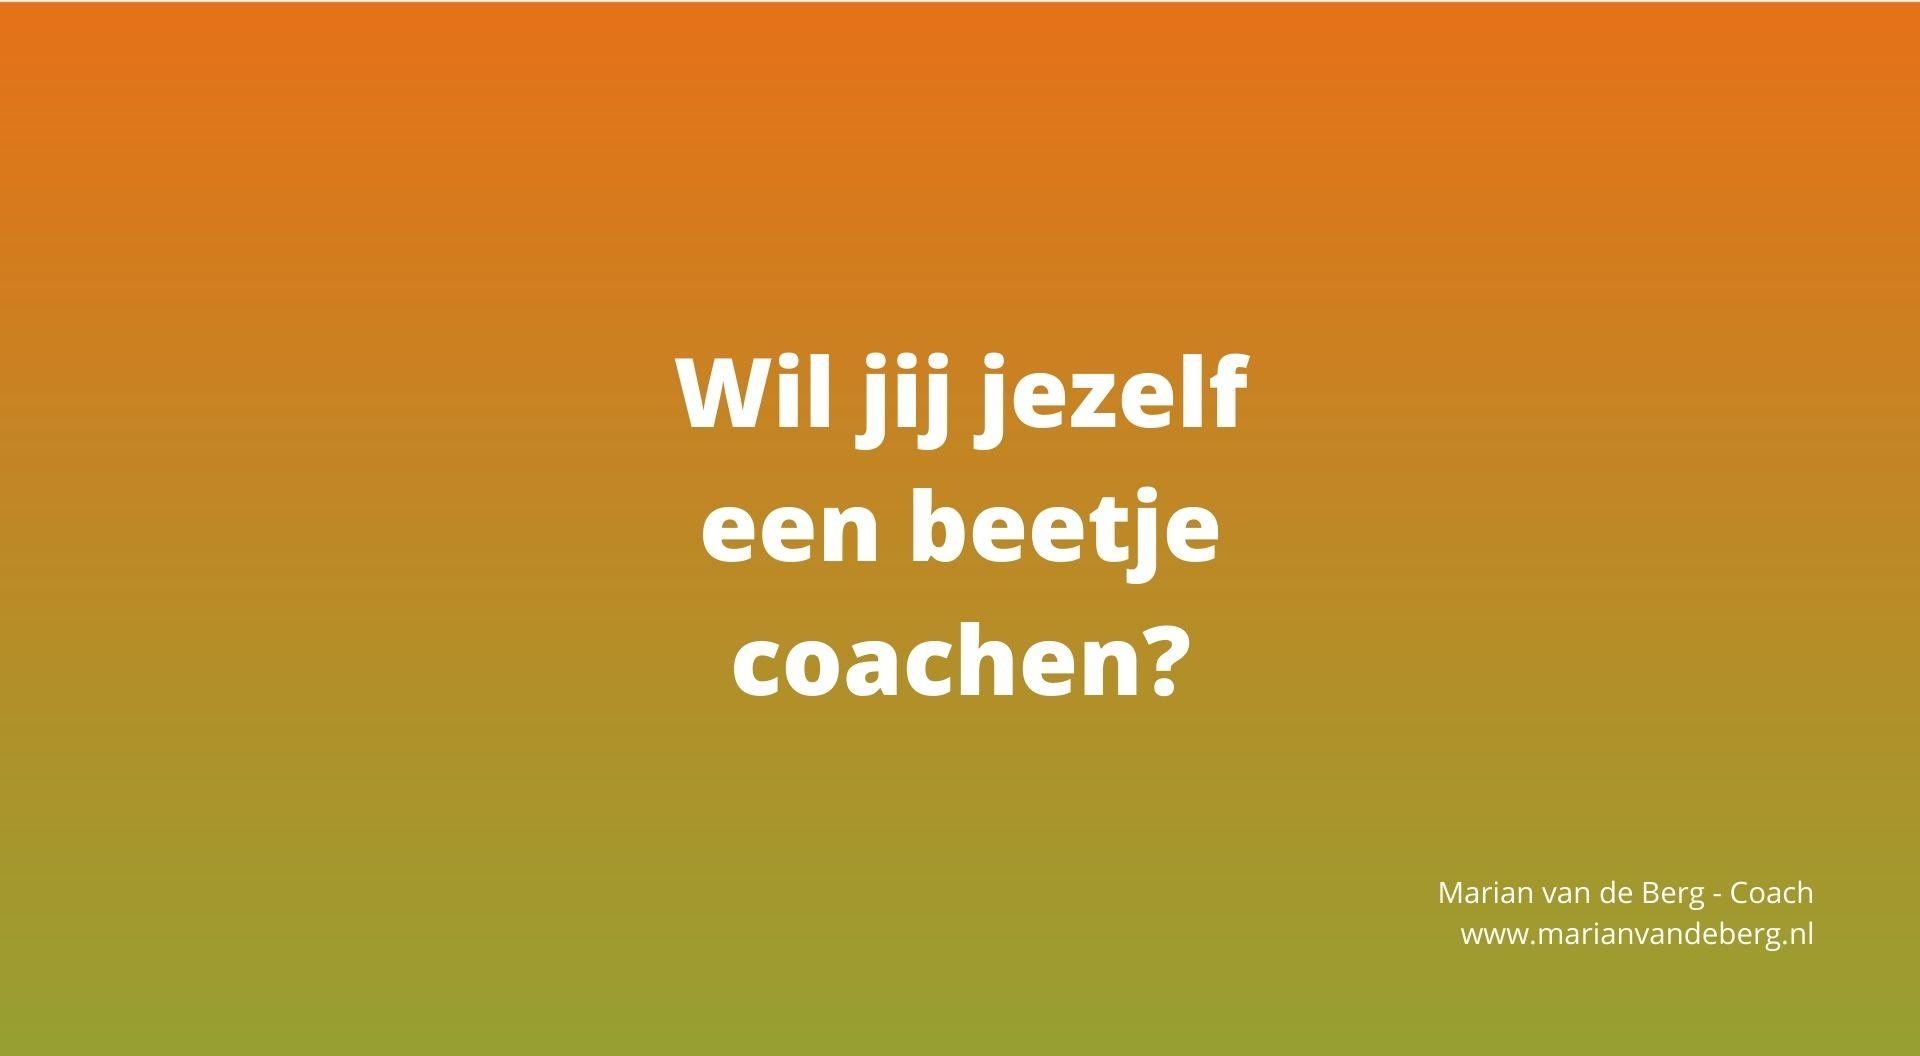 wil jij jezelf een beetje coachen?